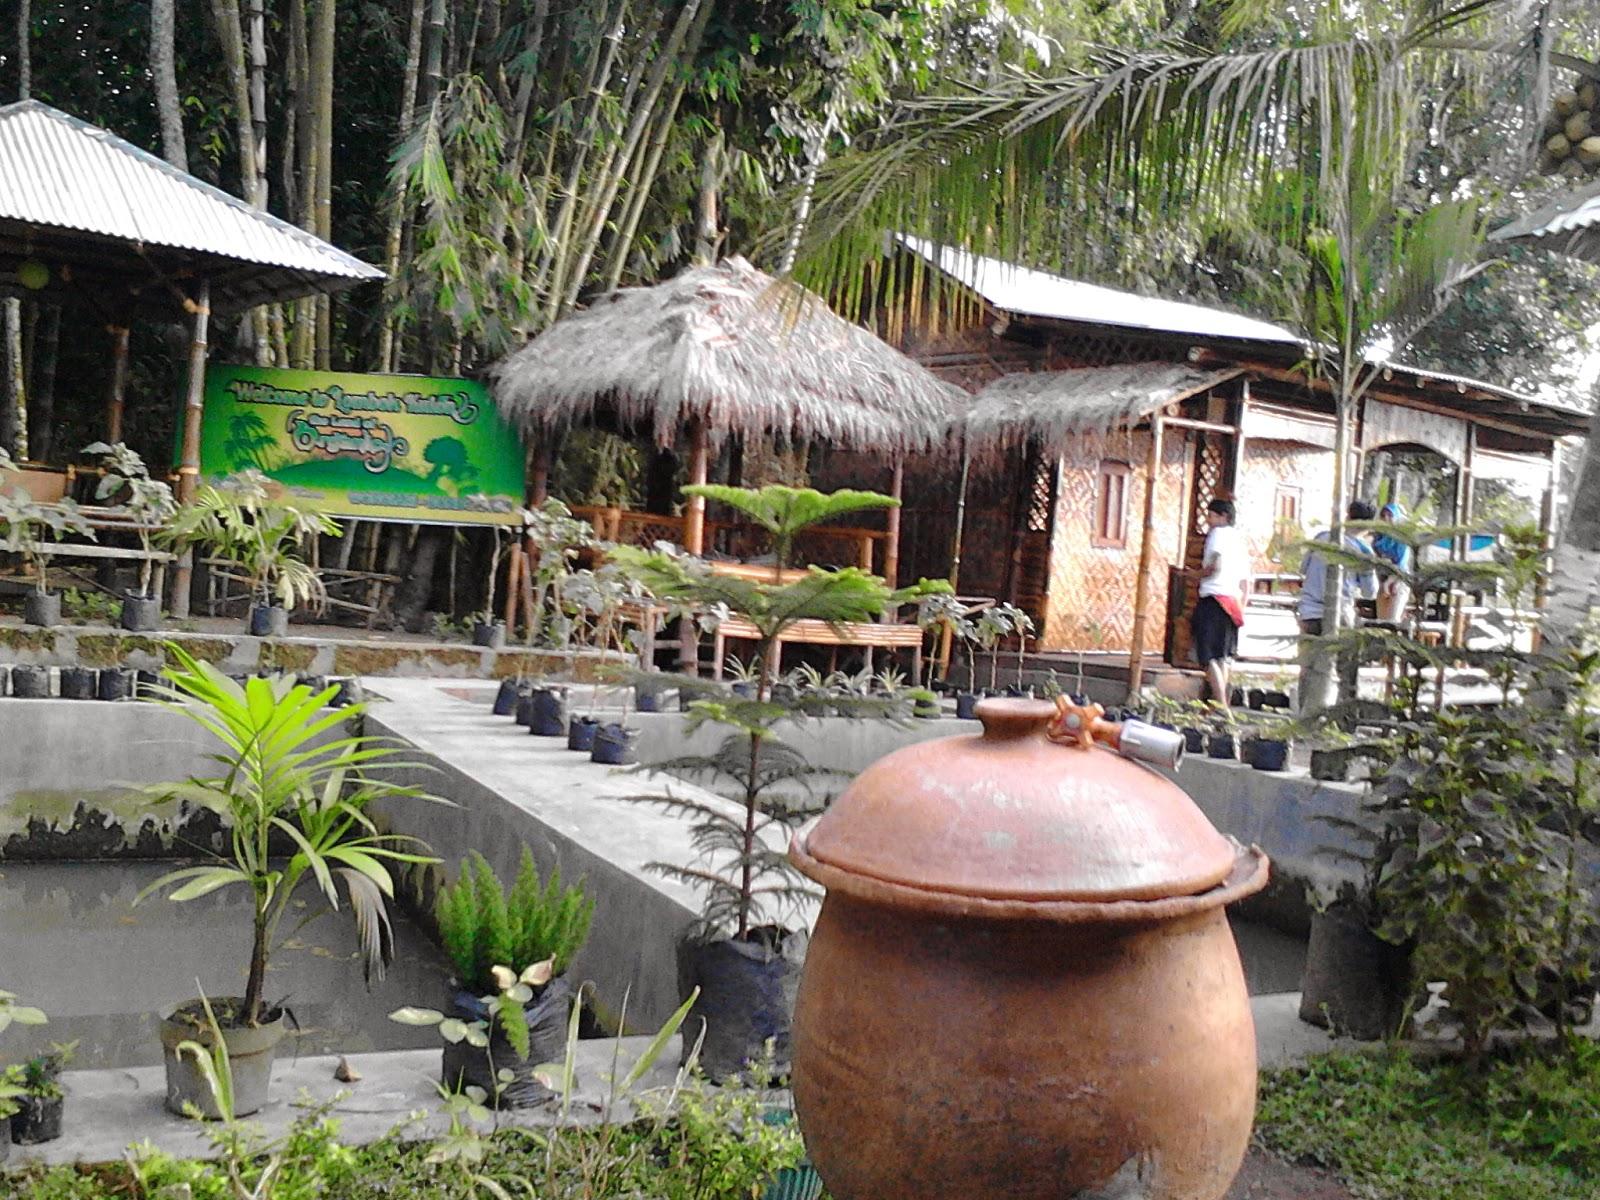 Desa Unik Selera Organik Termoter Bondowoso View Langsung Sawah Mantap